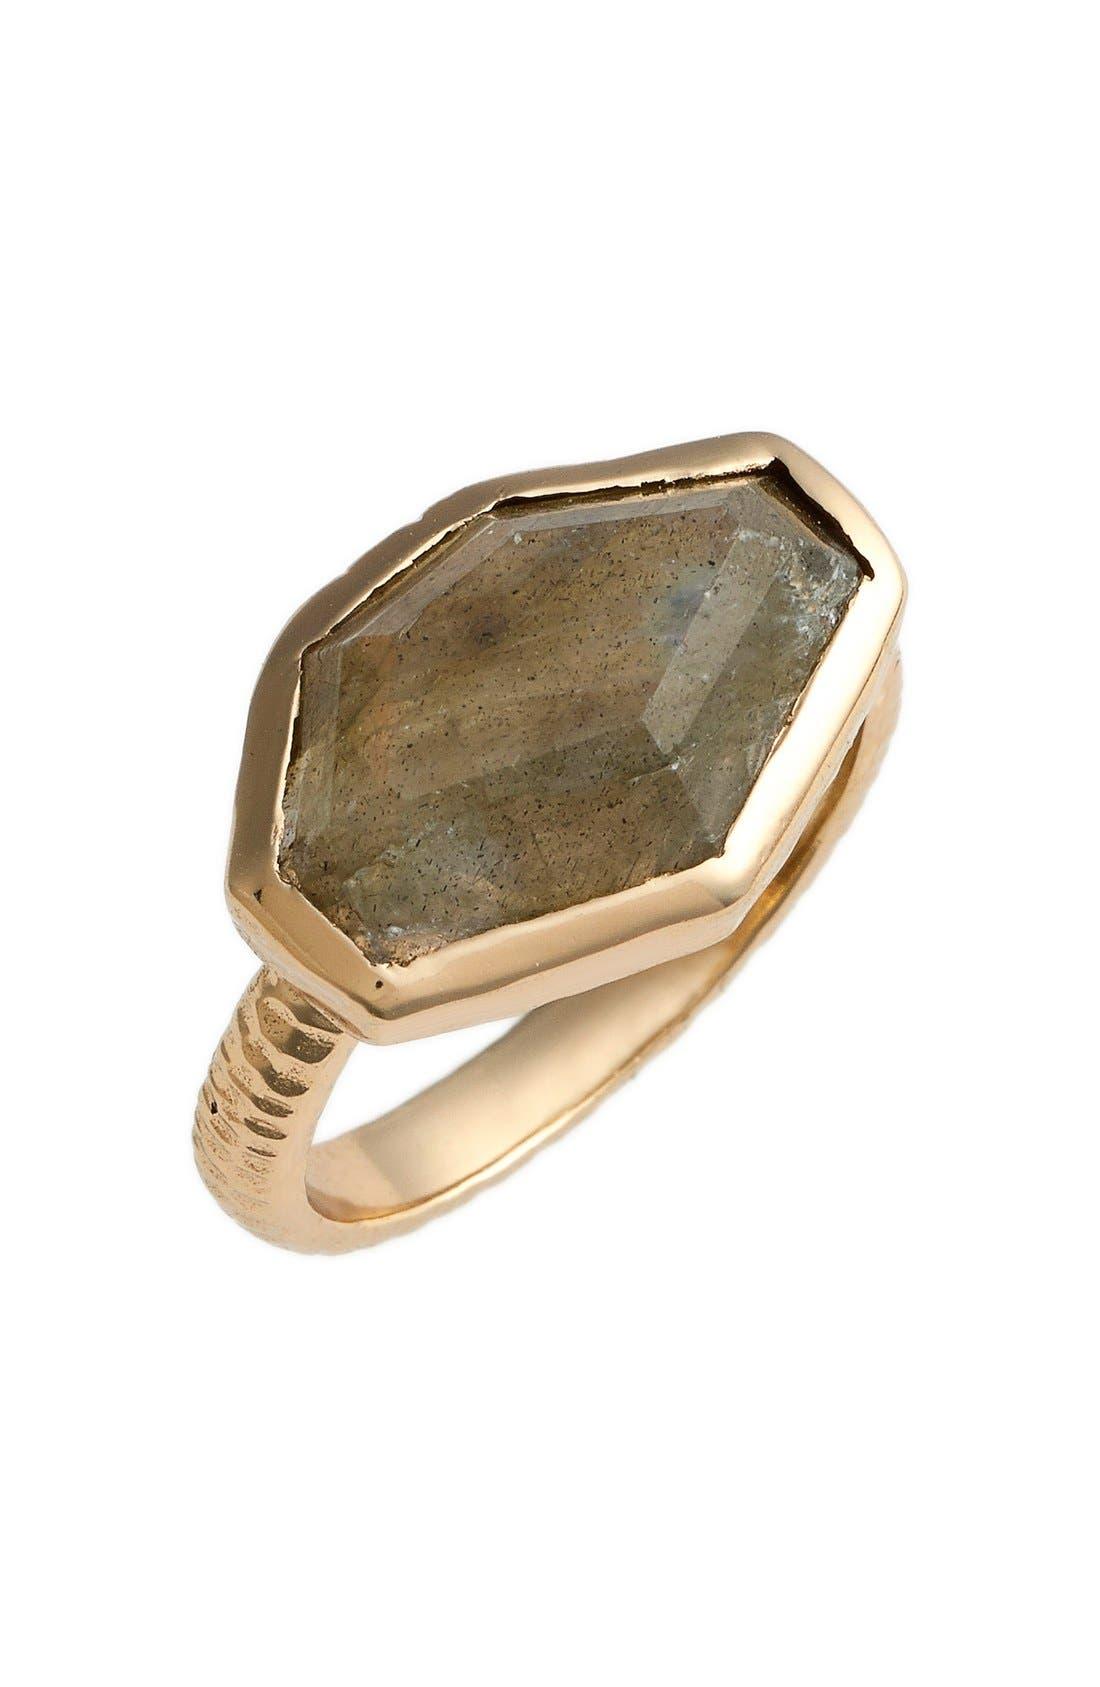 Alternate Image 1 Selected - Melinda Maria 'Slice' Stone Ring